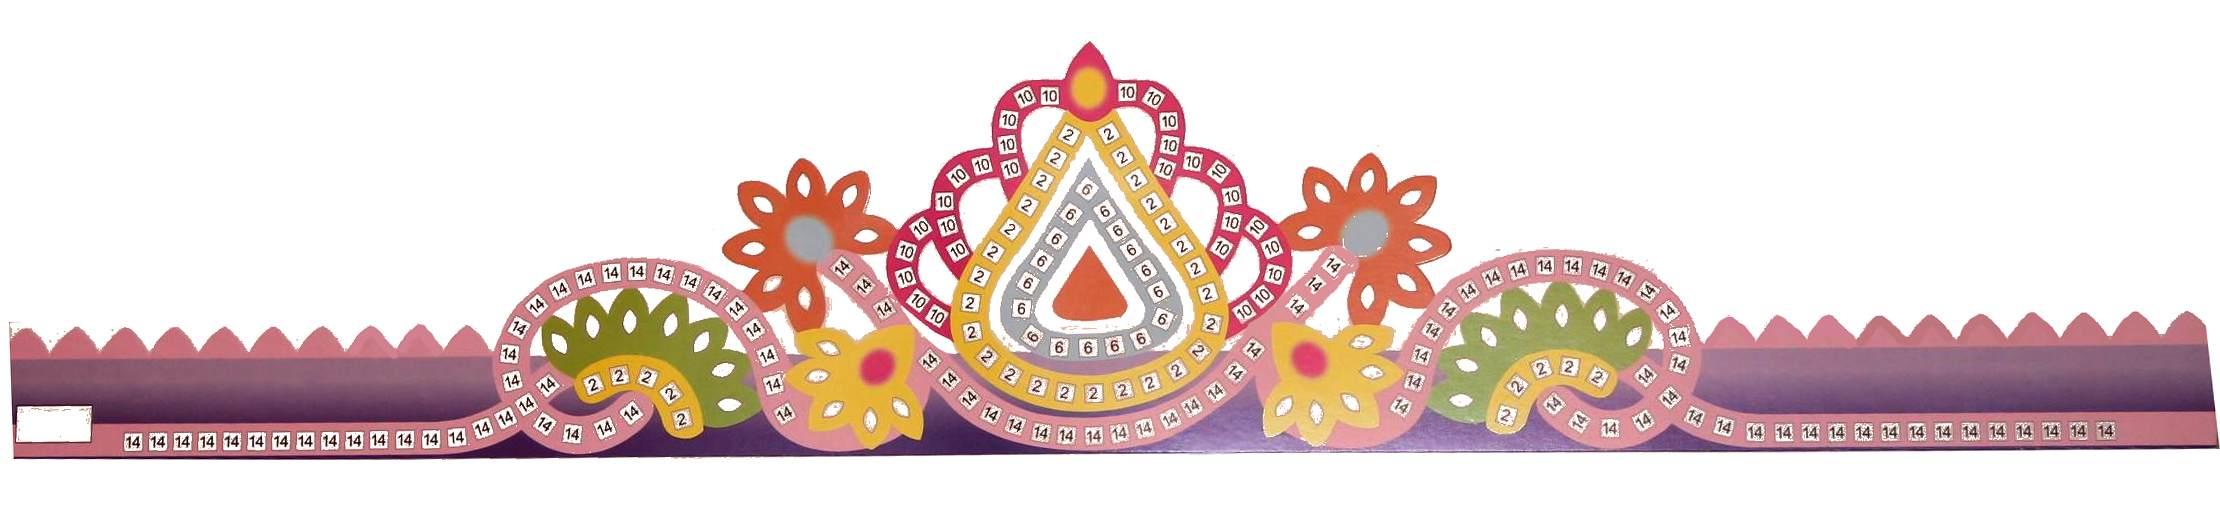 Couronne des rois mosaique loisirs cr atifs kits - Decoration couronne des rois ...